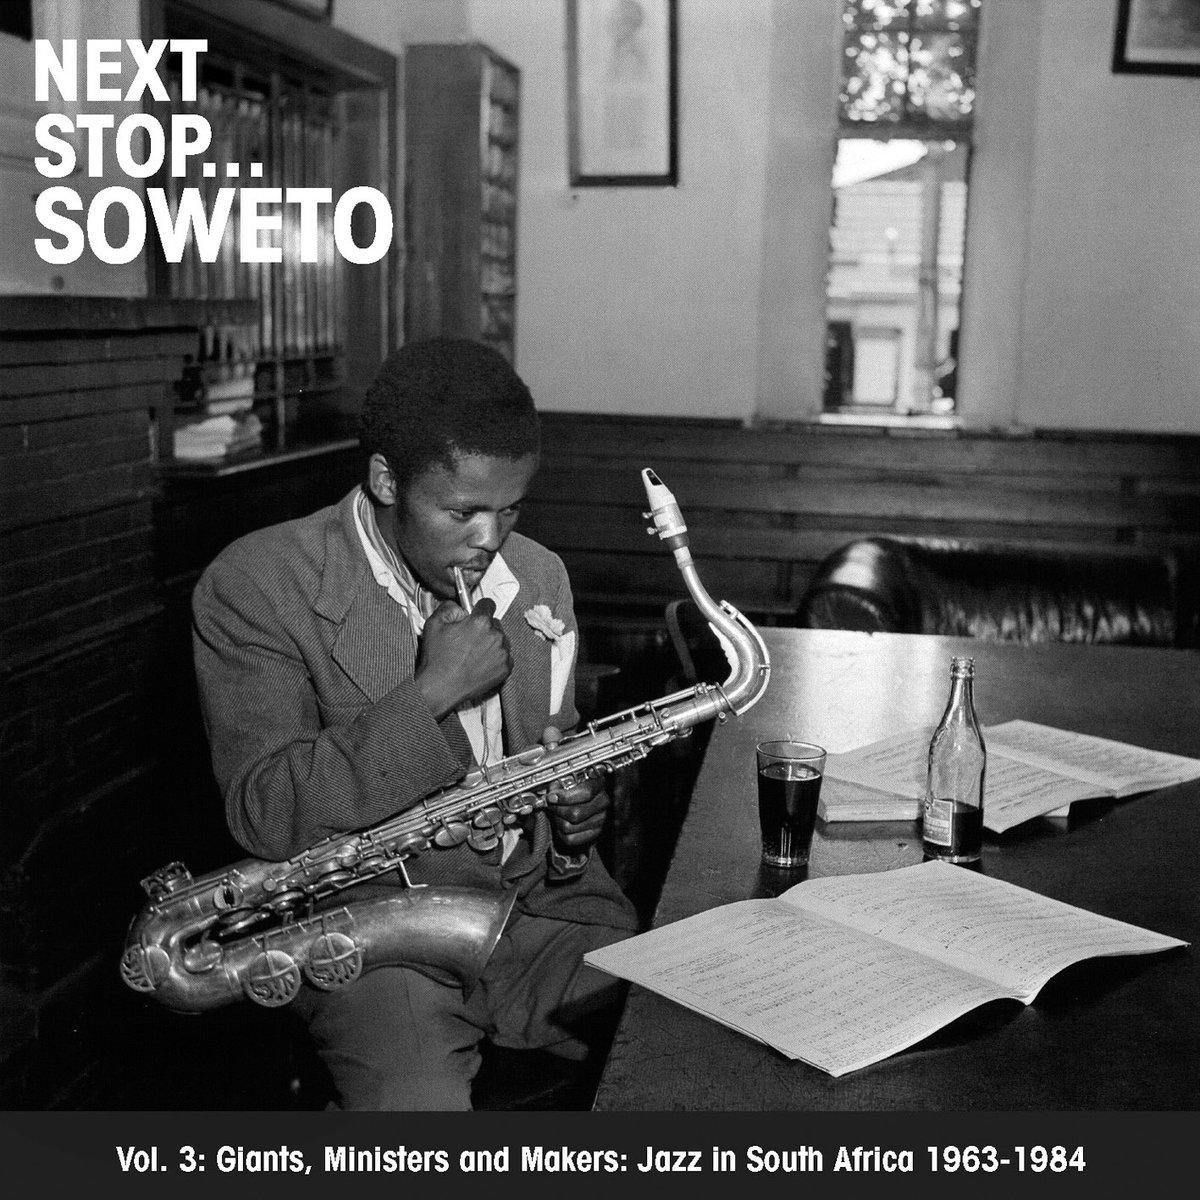 jazz afrique du sud Soweto